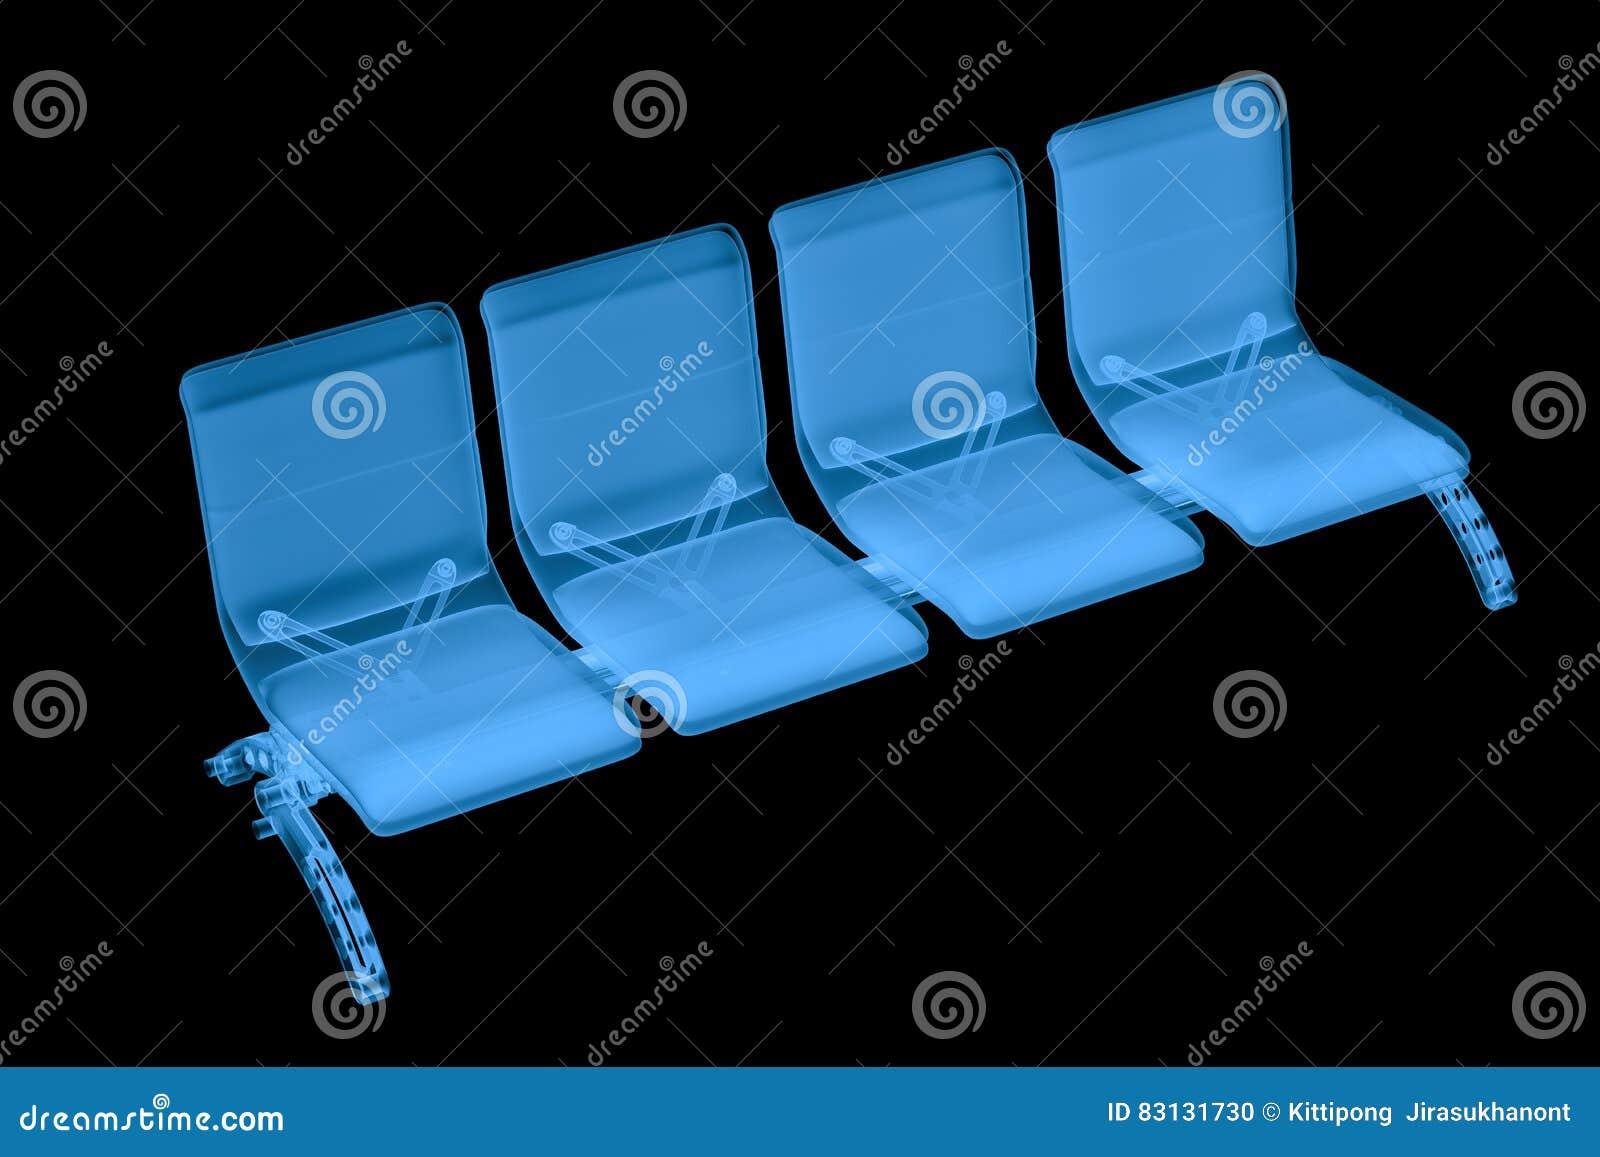 Imagem Raio Aeroporto : Assentos do aeroporto do raio ilustração stock ilustração de